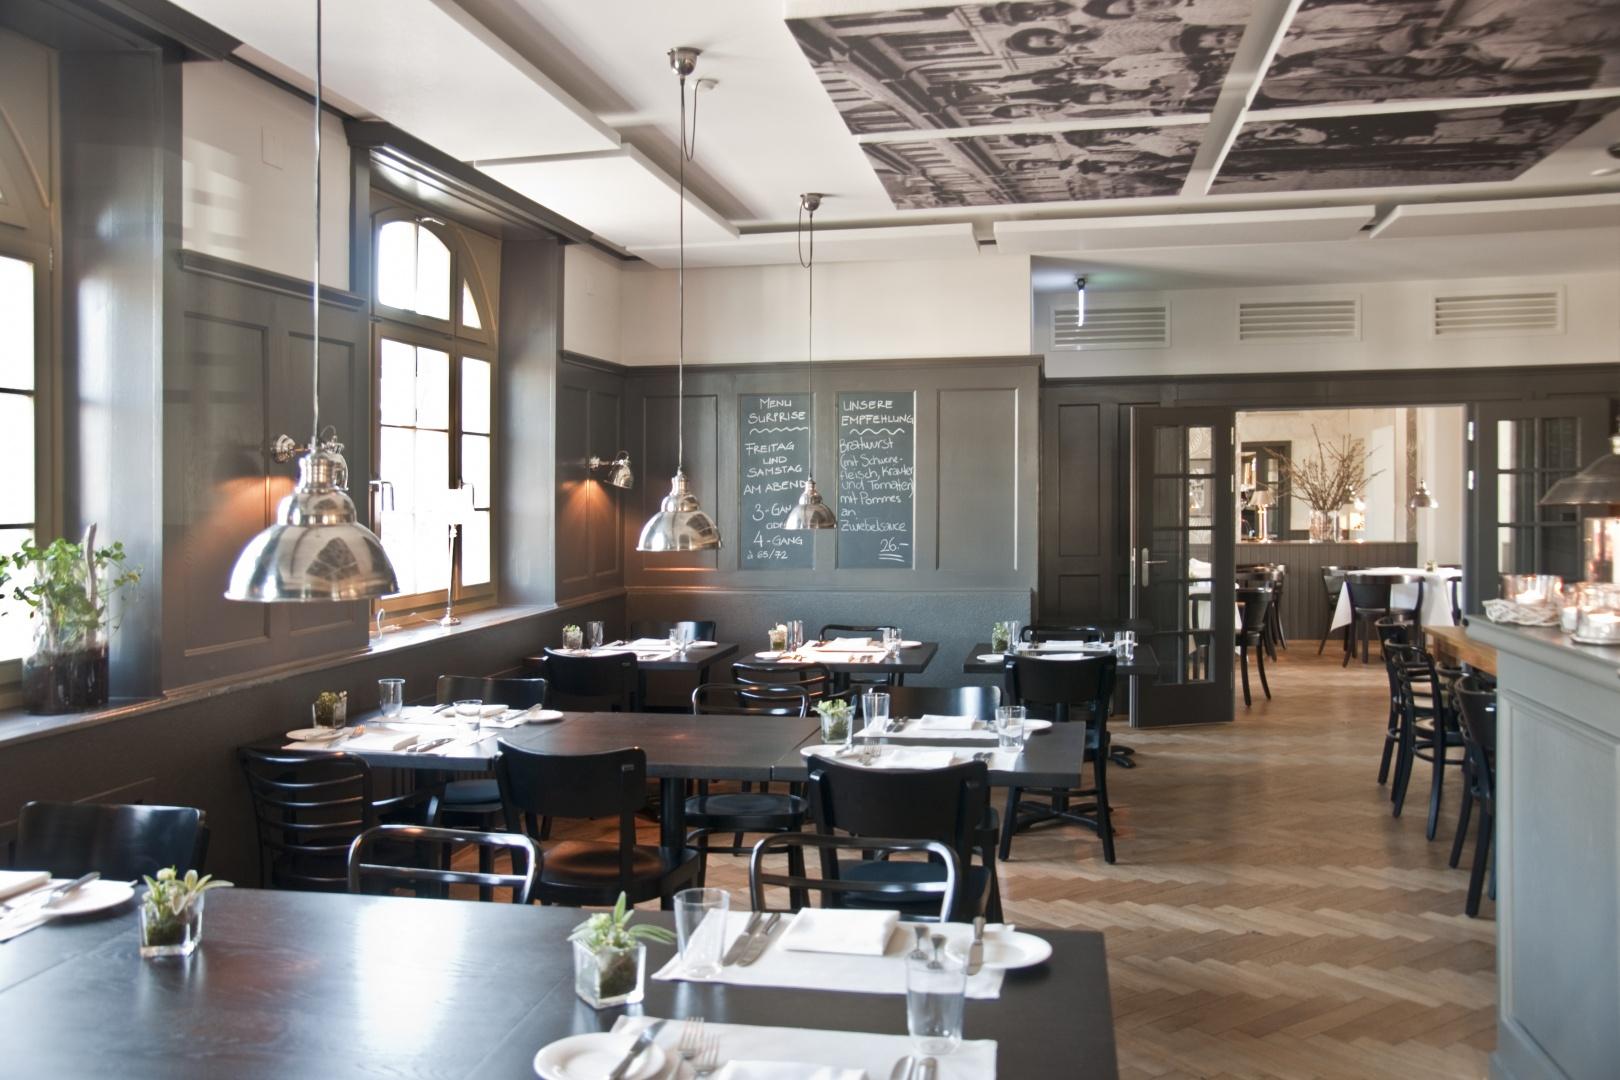 Gartenstadt_Brasserie © Architektur Rolf Stalder AG